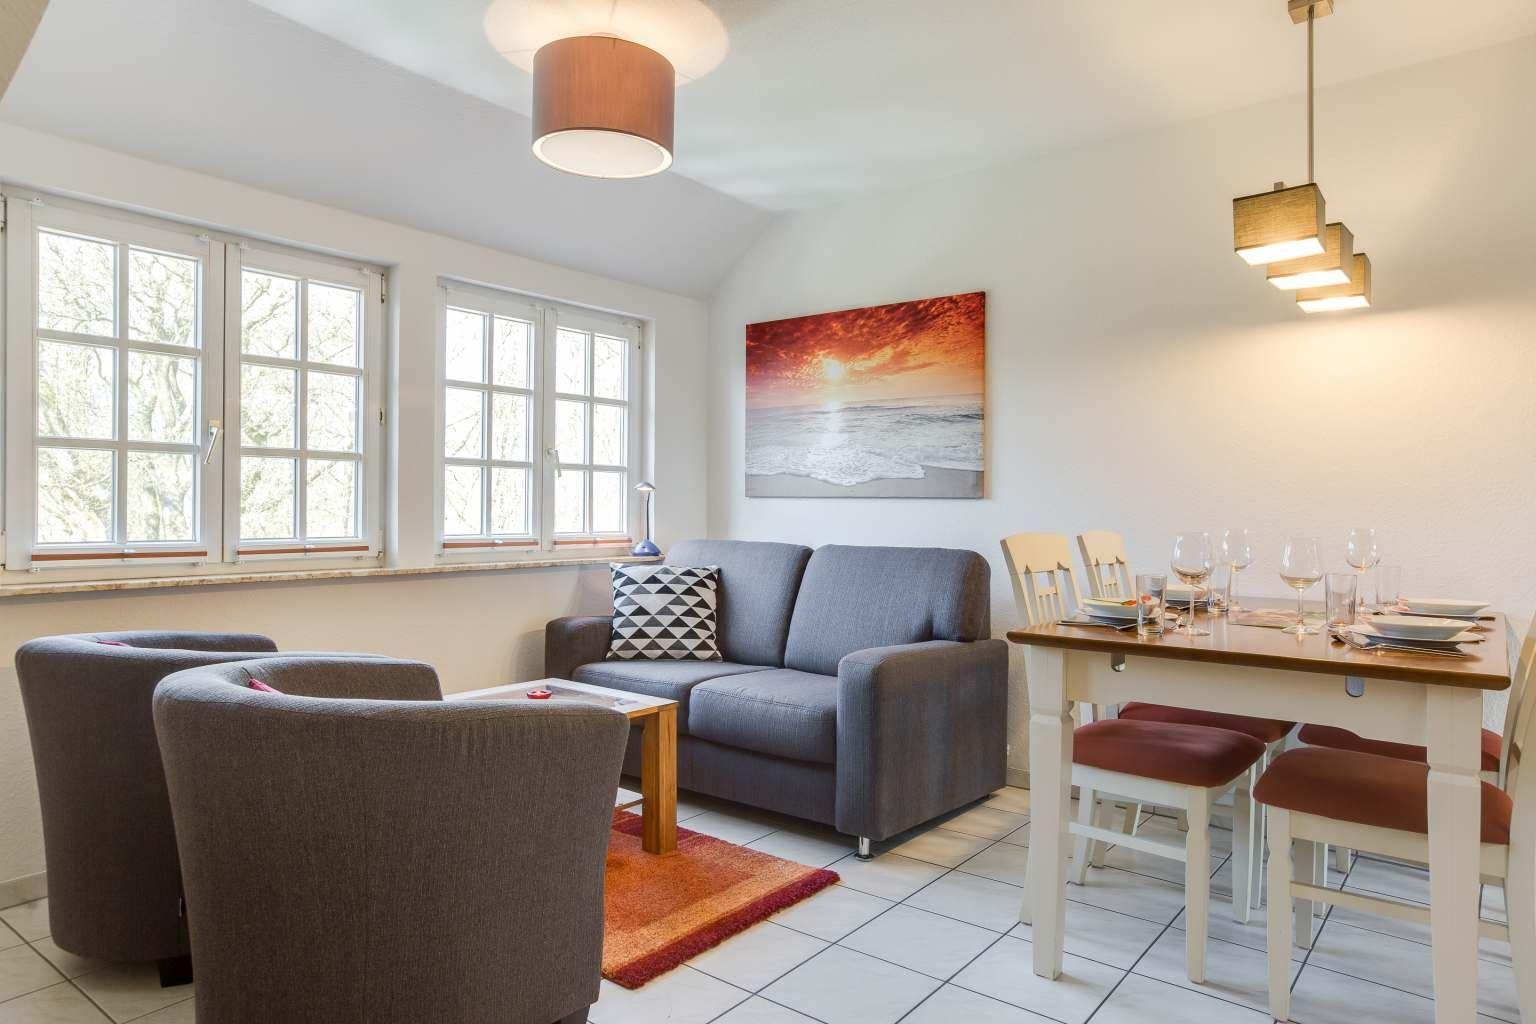 Wohnzimmer Wohnung OG, 3-Zimmer-Ferienwohnung für bis zu 4 Personen, St. Peter-Dorf